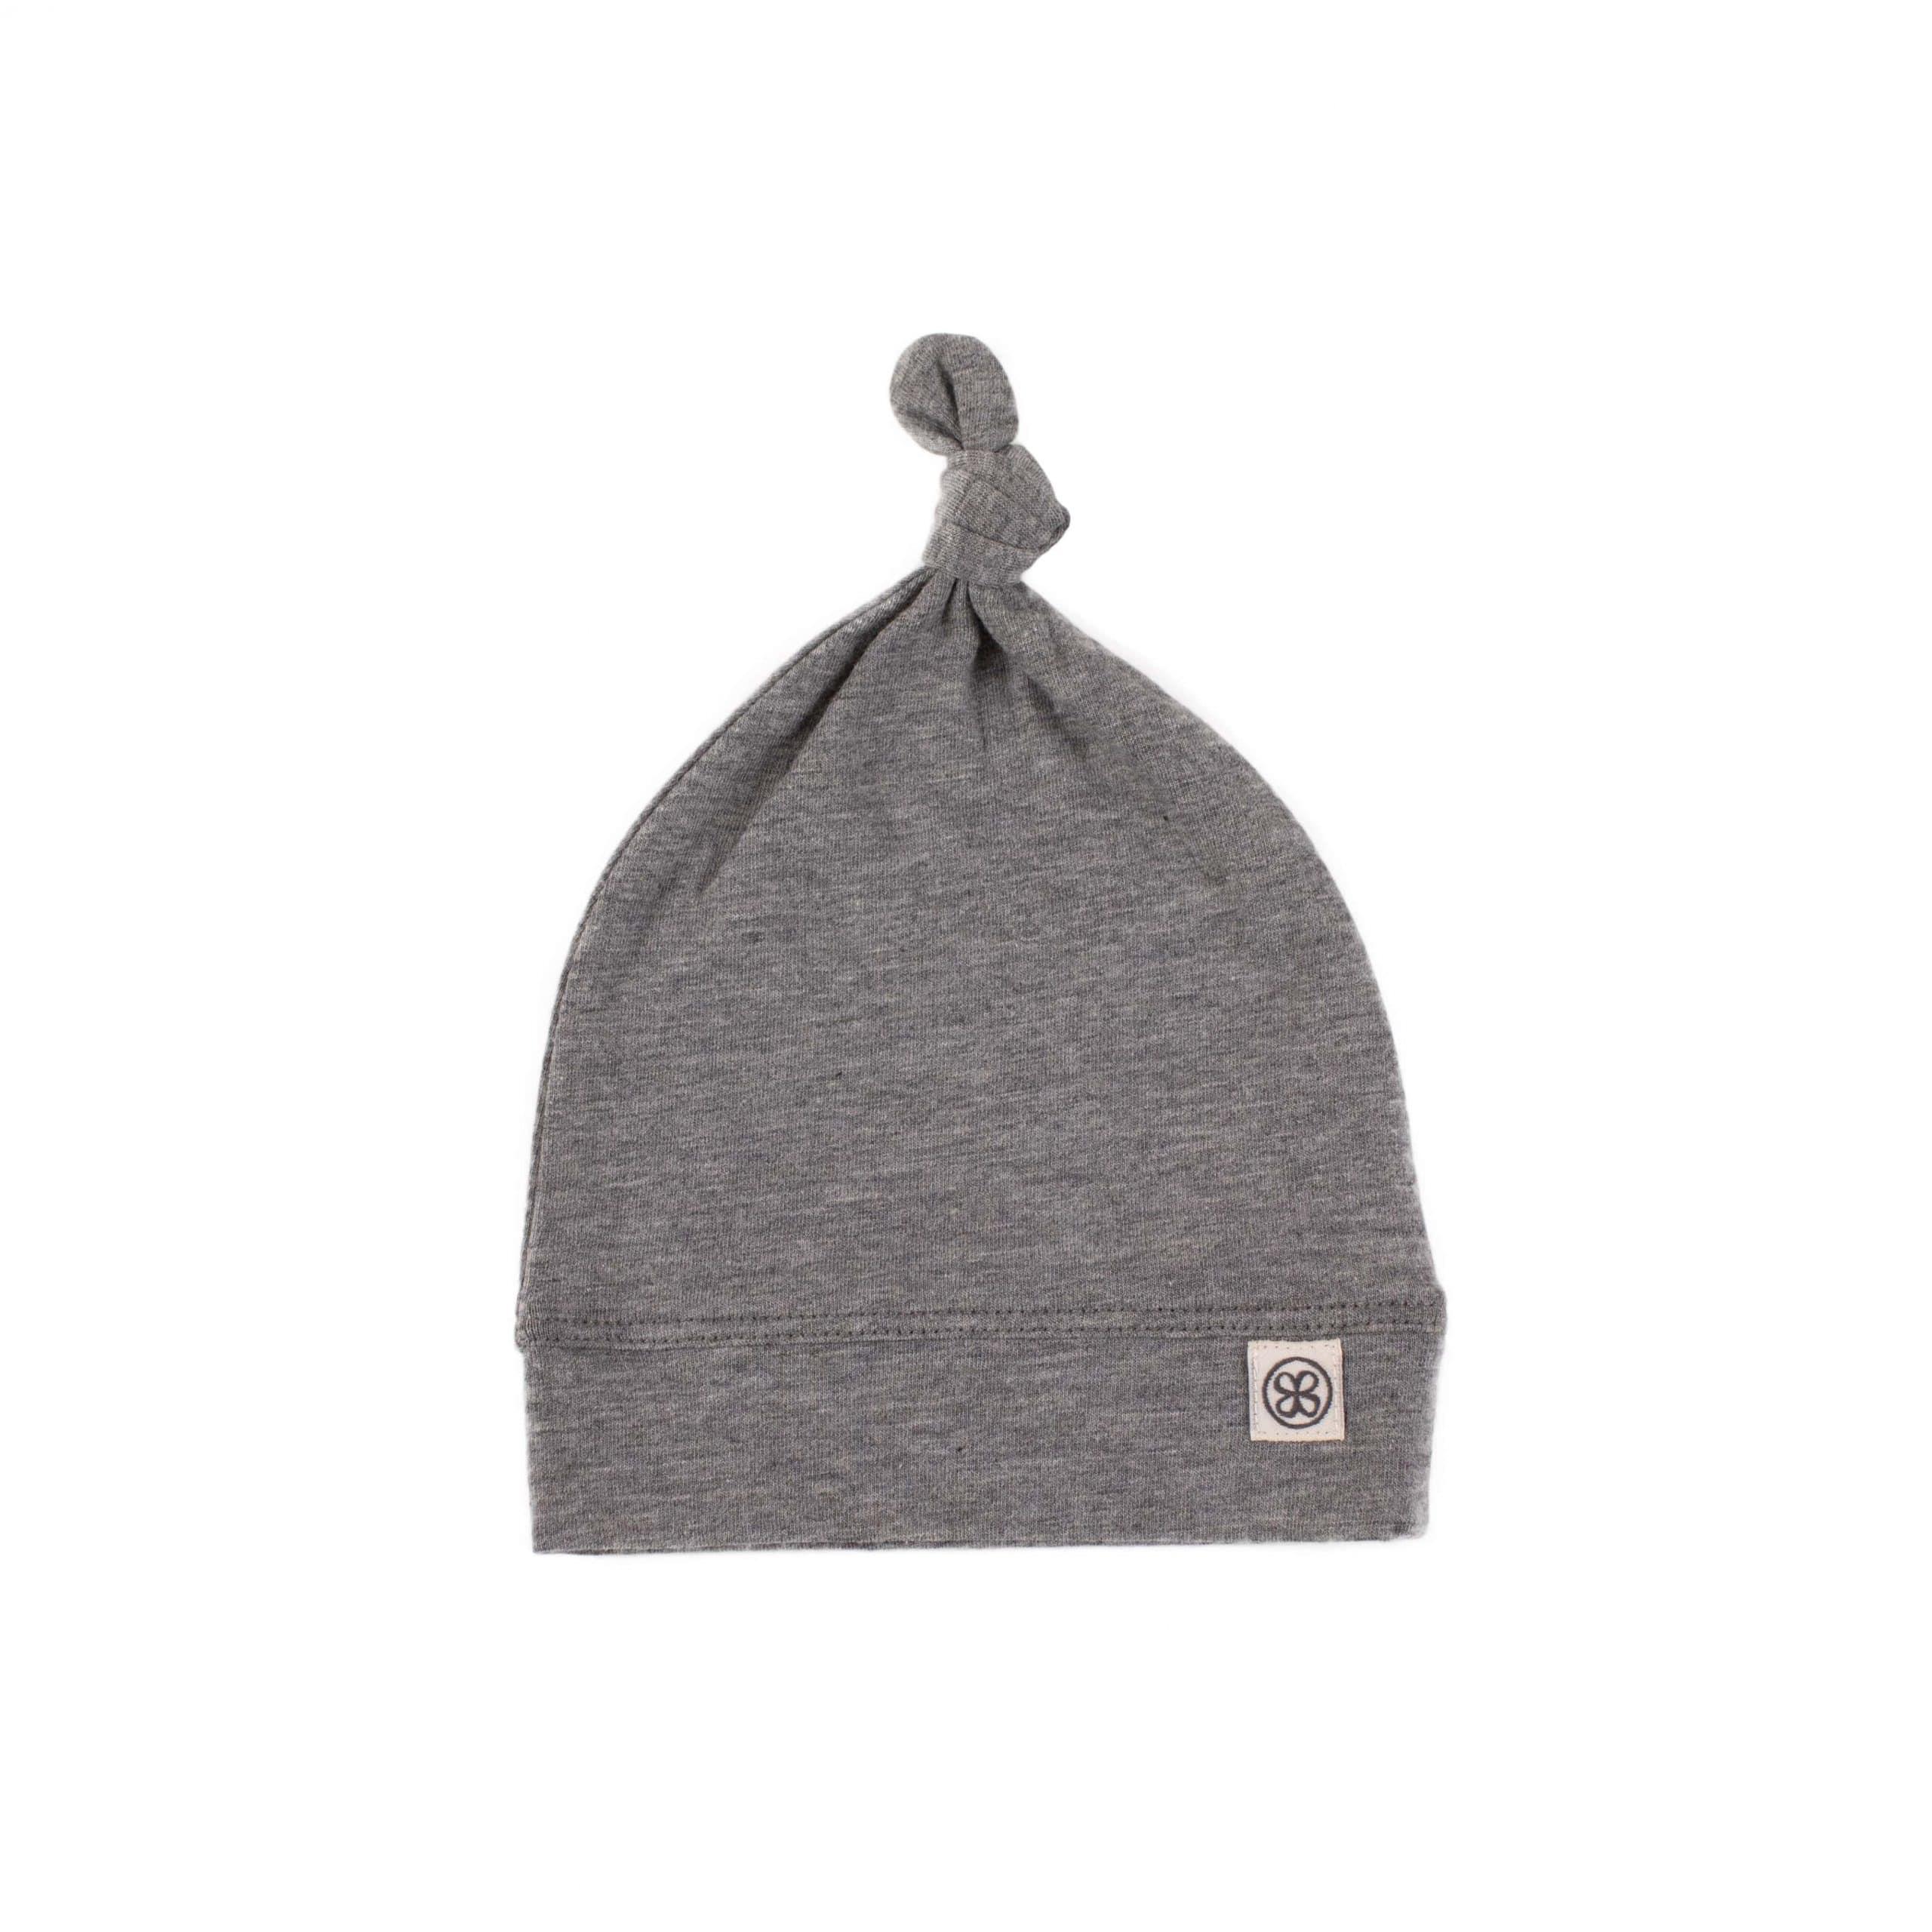 Mütze mit UV-Schutz (UPF 50+) grau (Gr. 50-56)